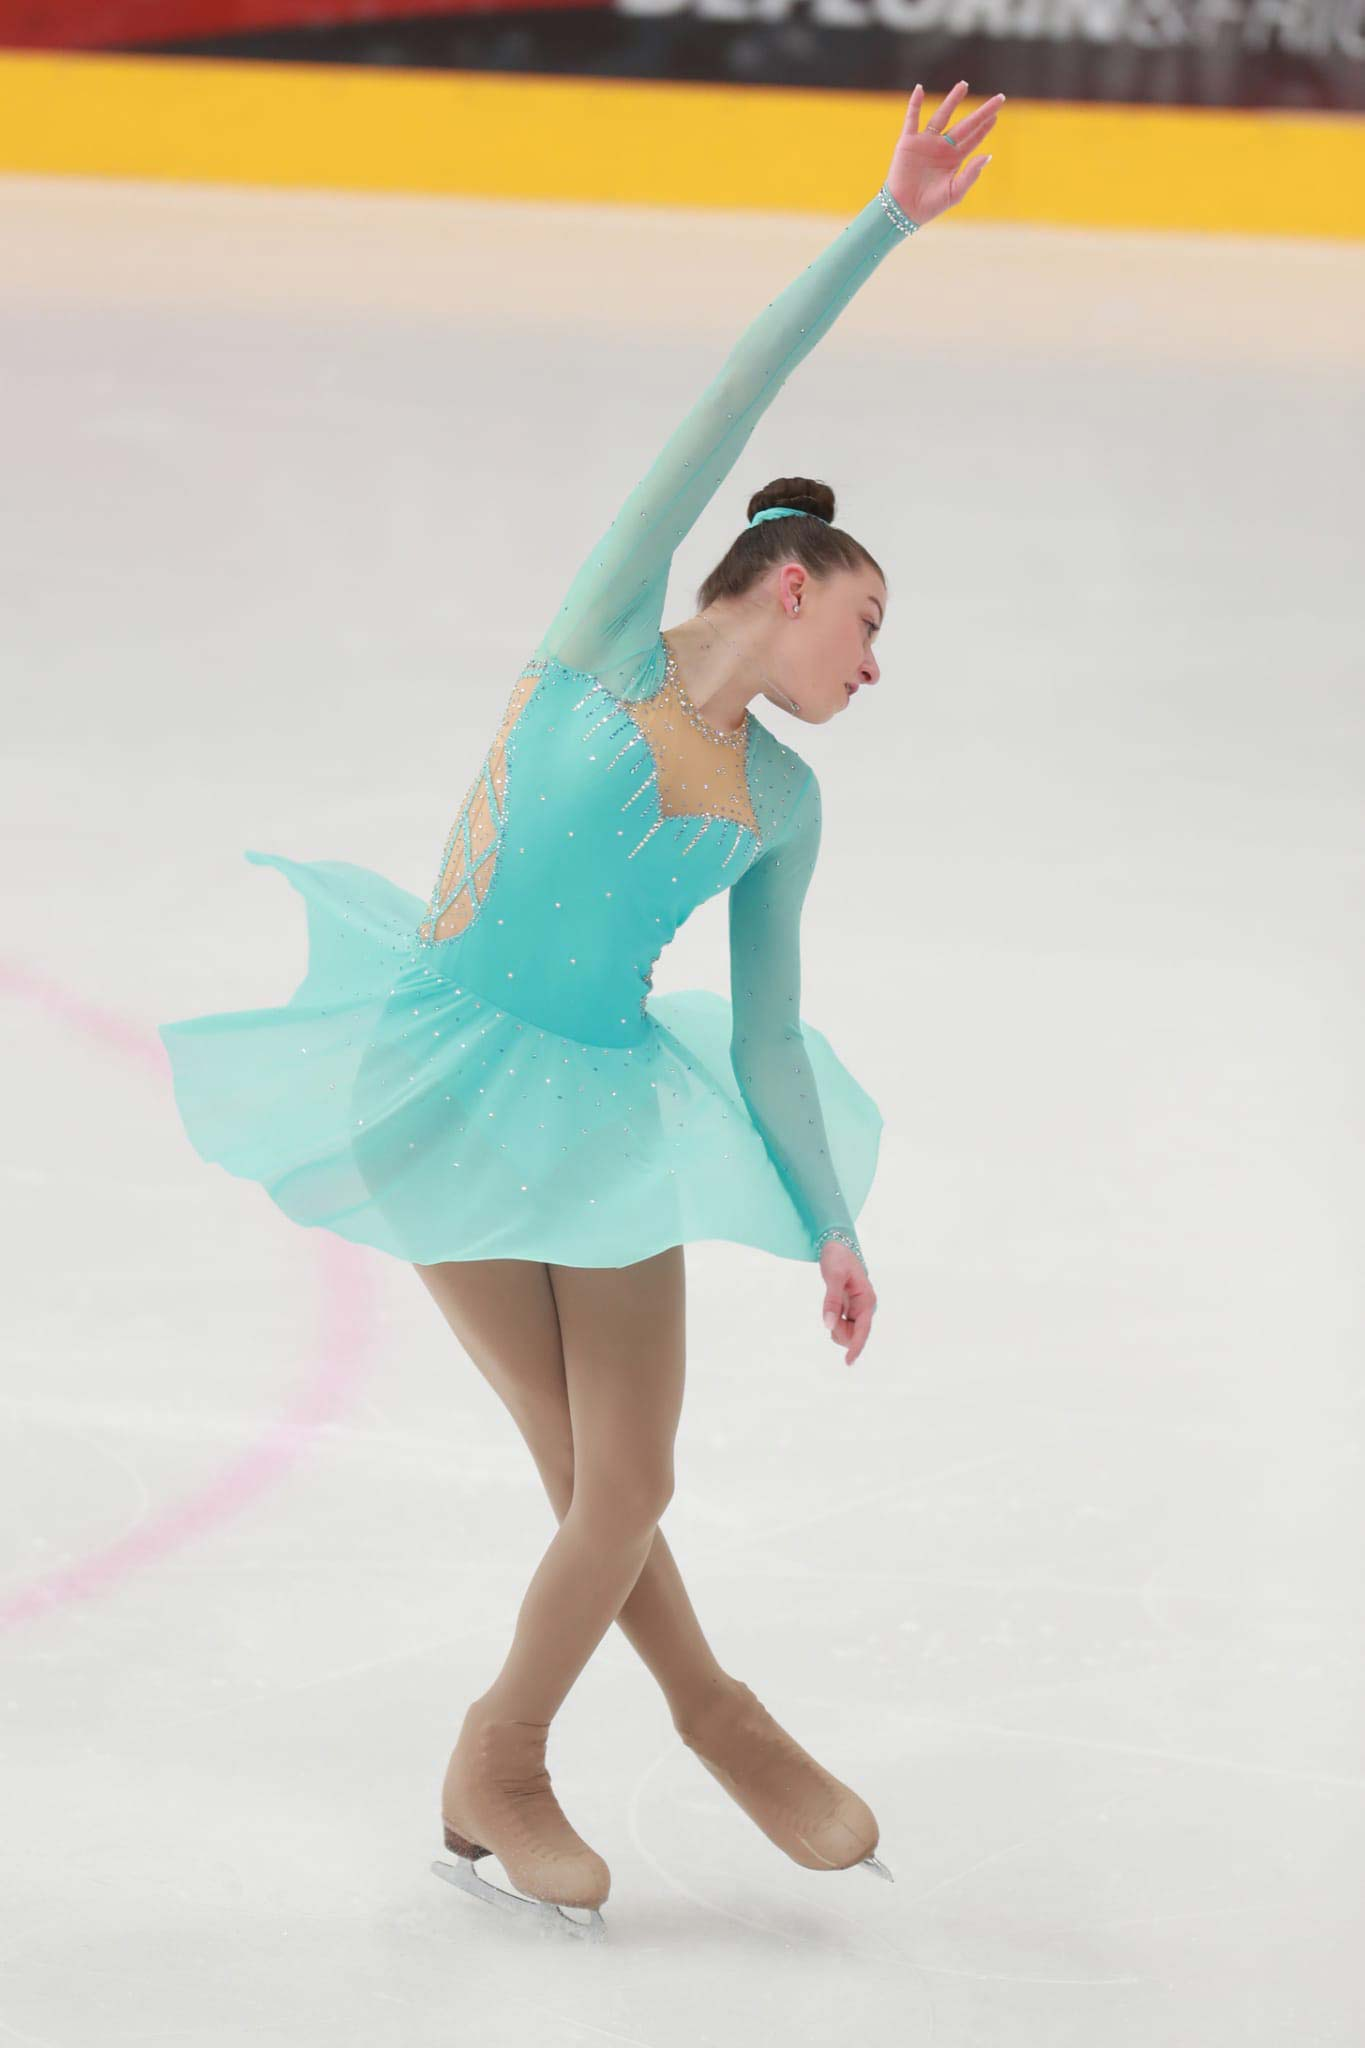 Nella Malacarne holte in der Kategorie Bronze Ältere mit 28,6 Punkten den Sieg.